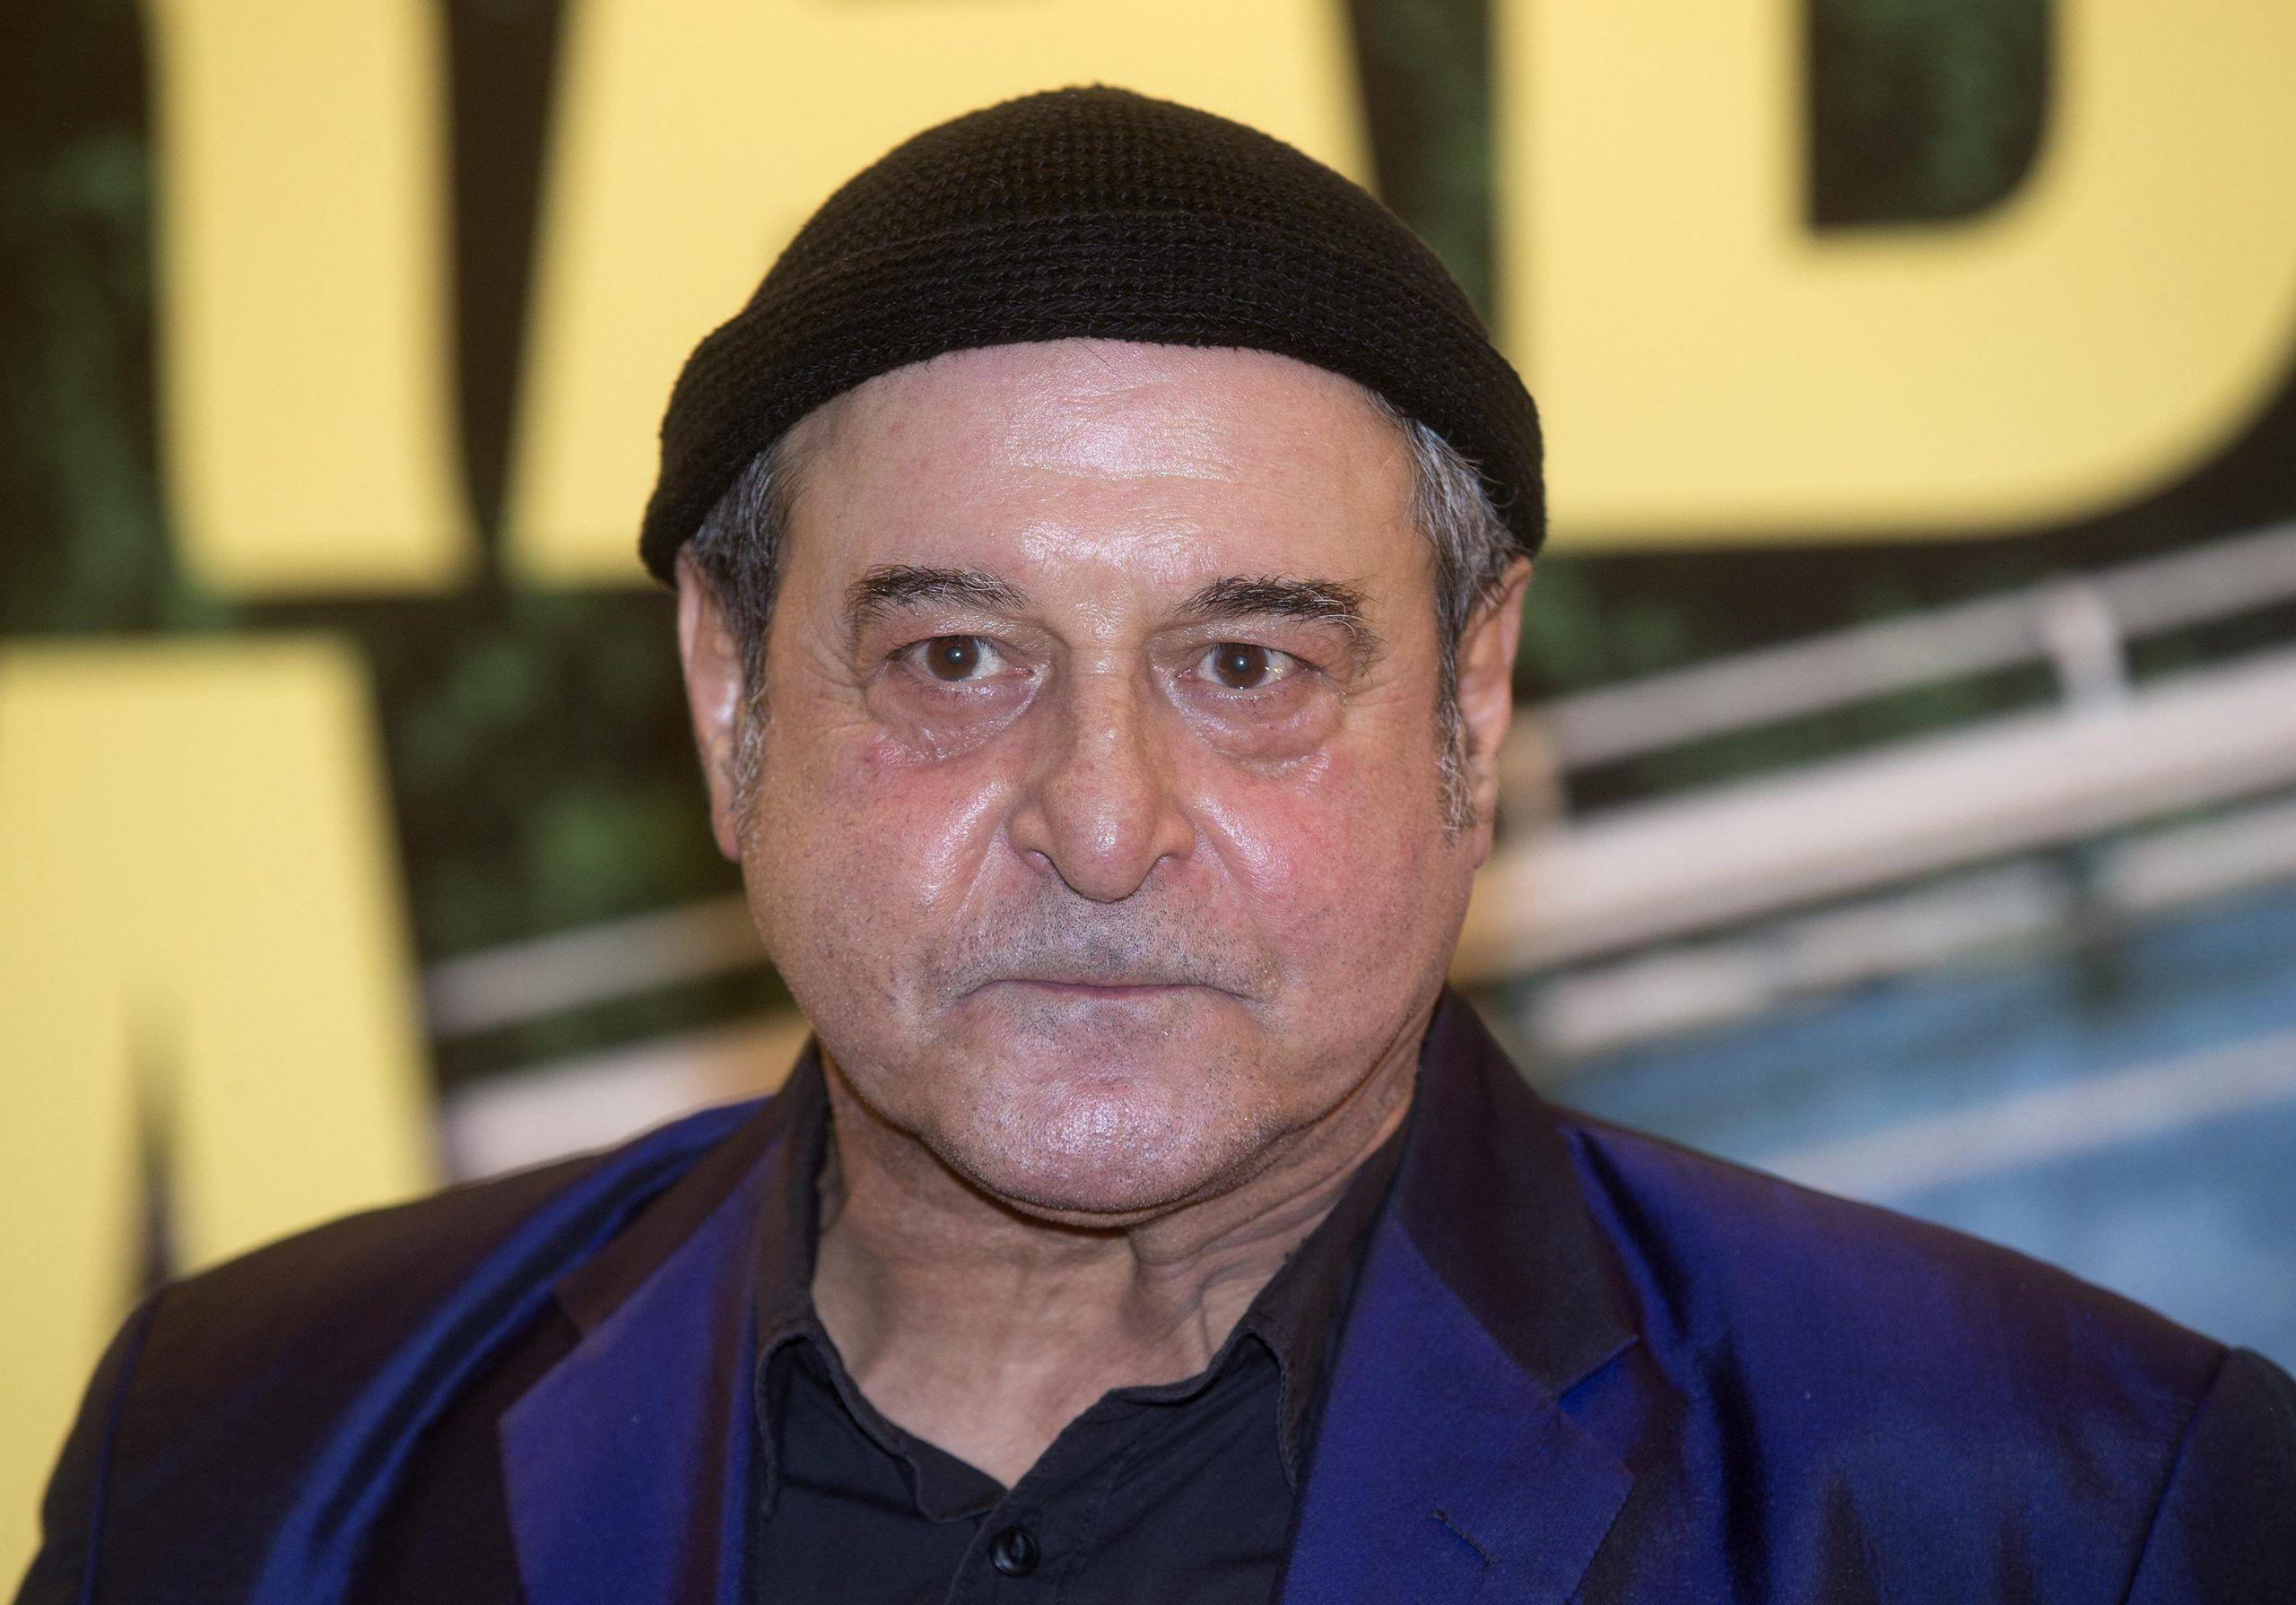 Ennio Fantastichini in ospedale, l'attore in rianimazione per grave polmonite